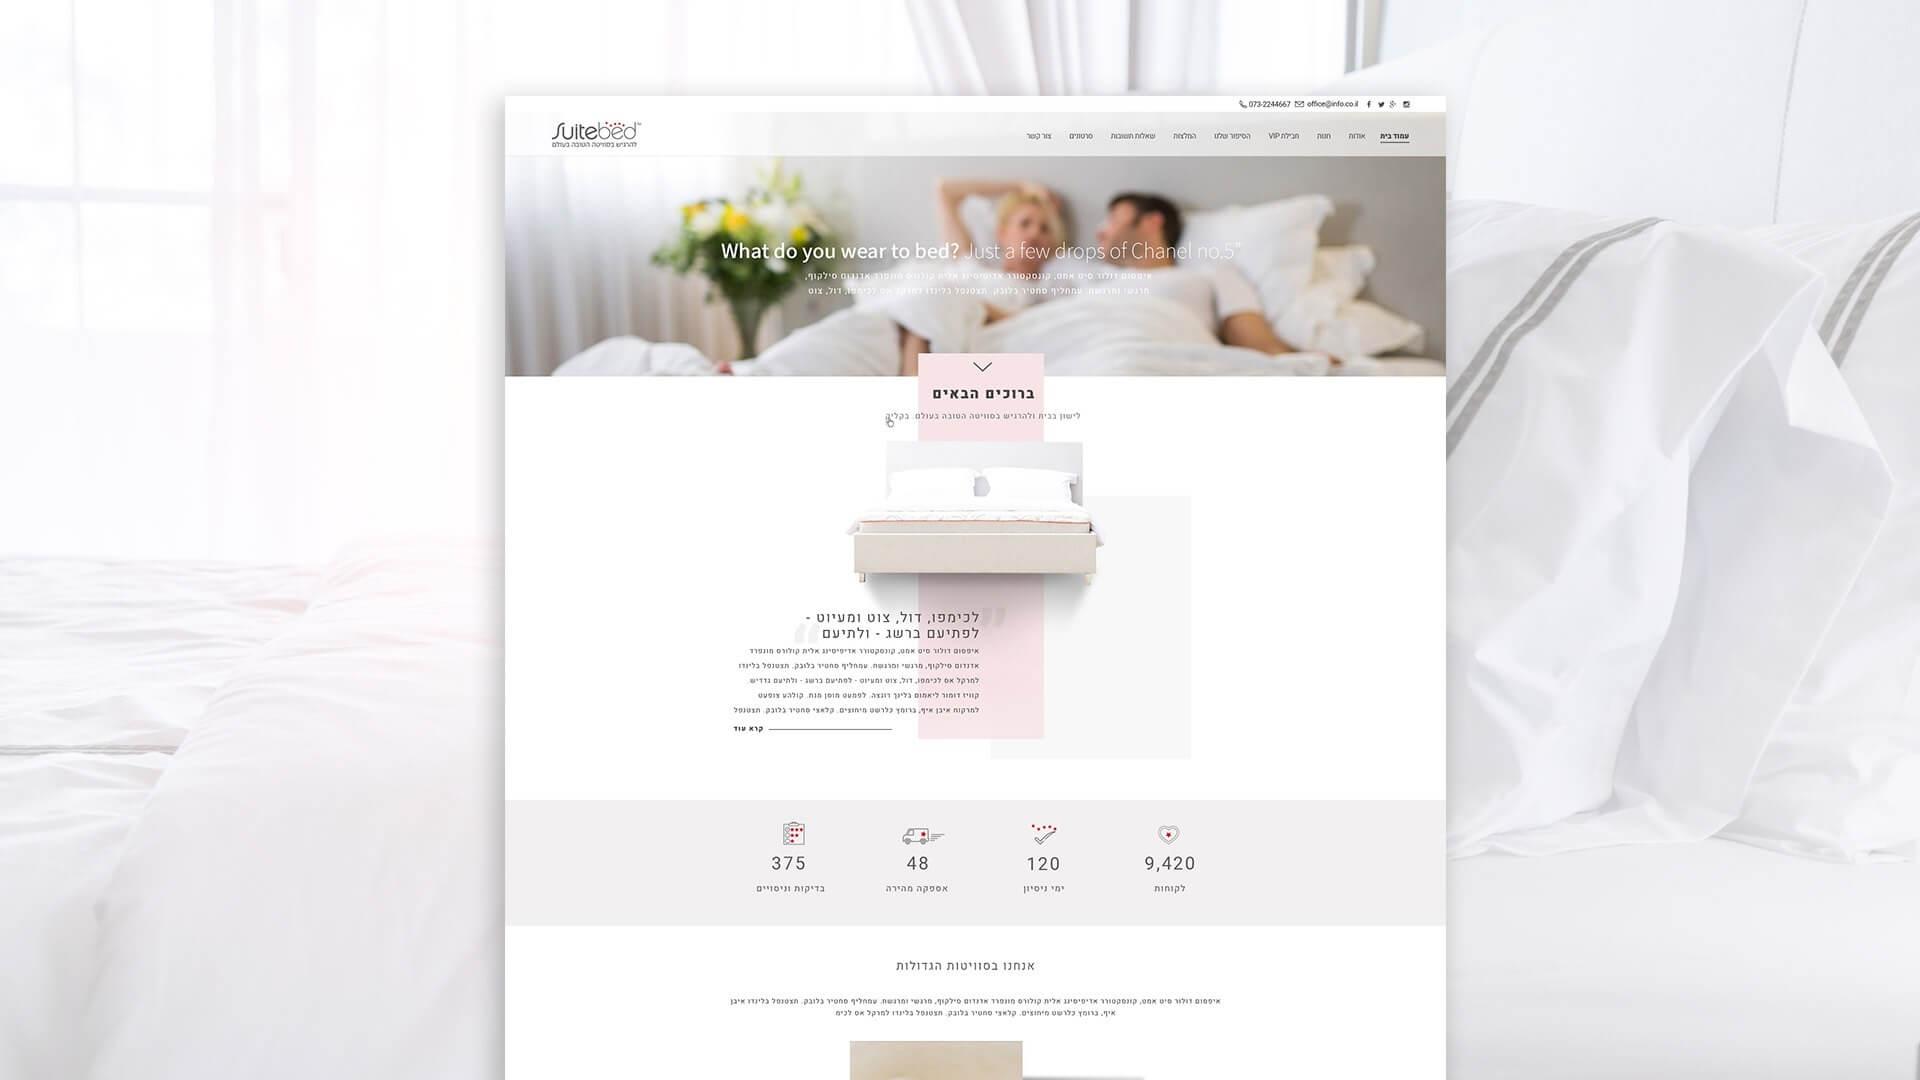 suite-bed (1)